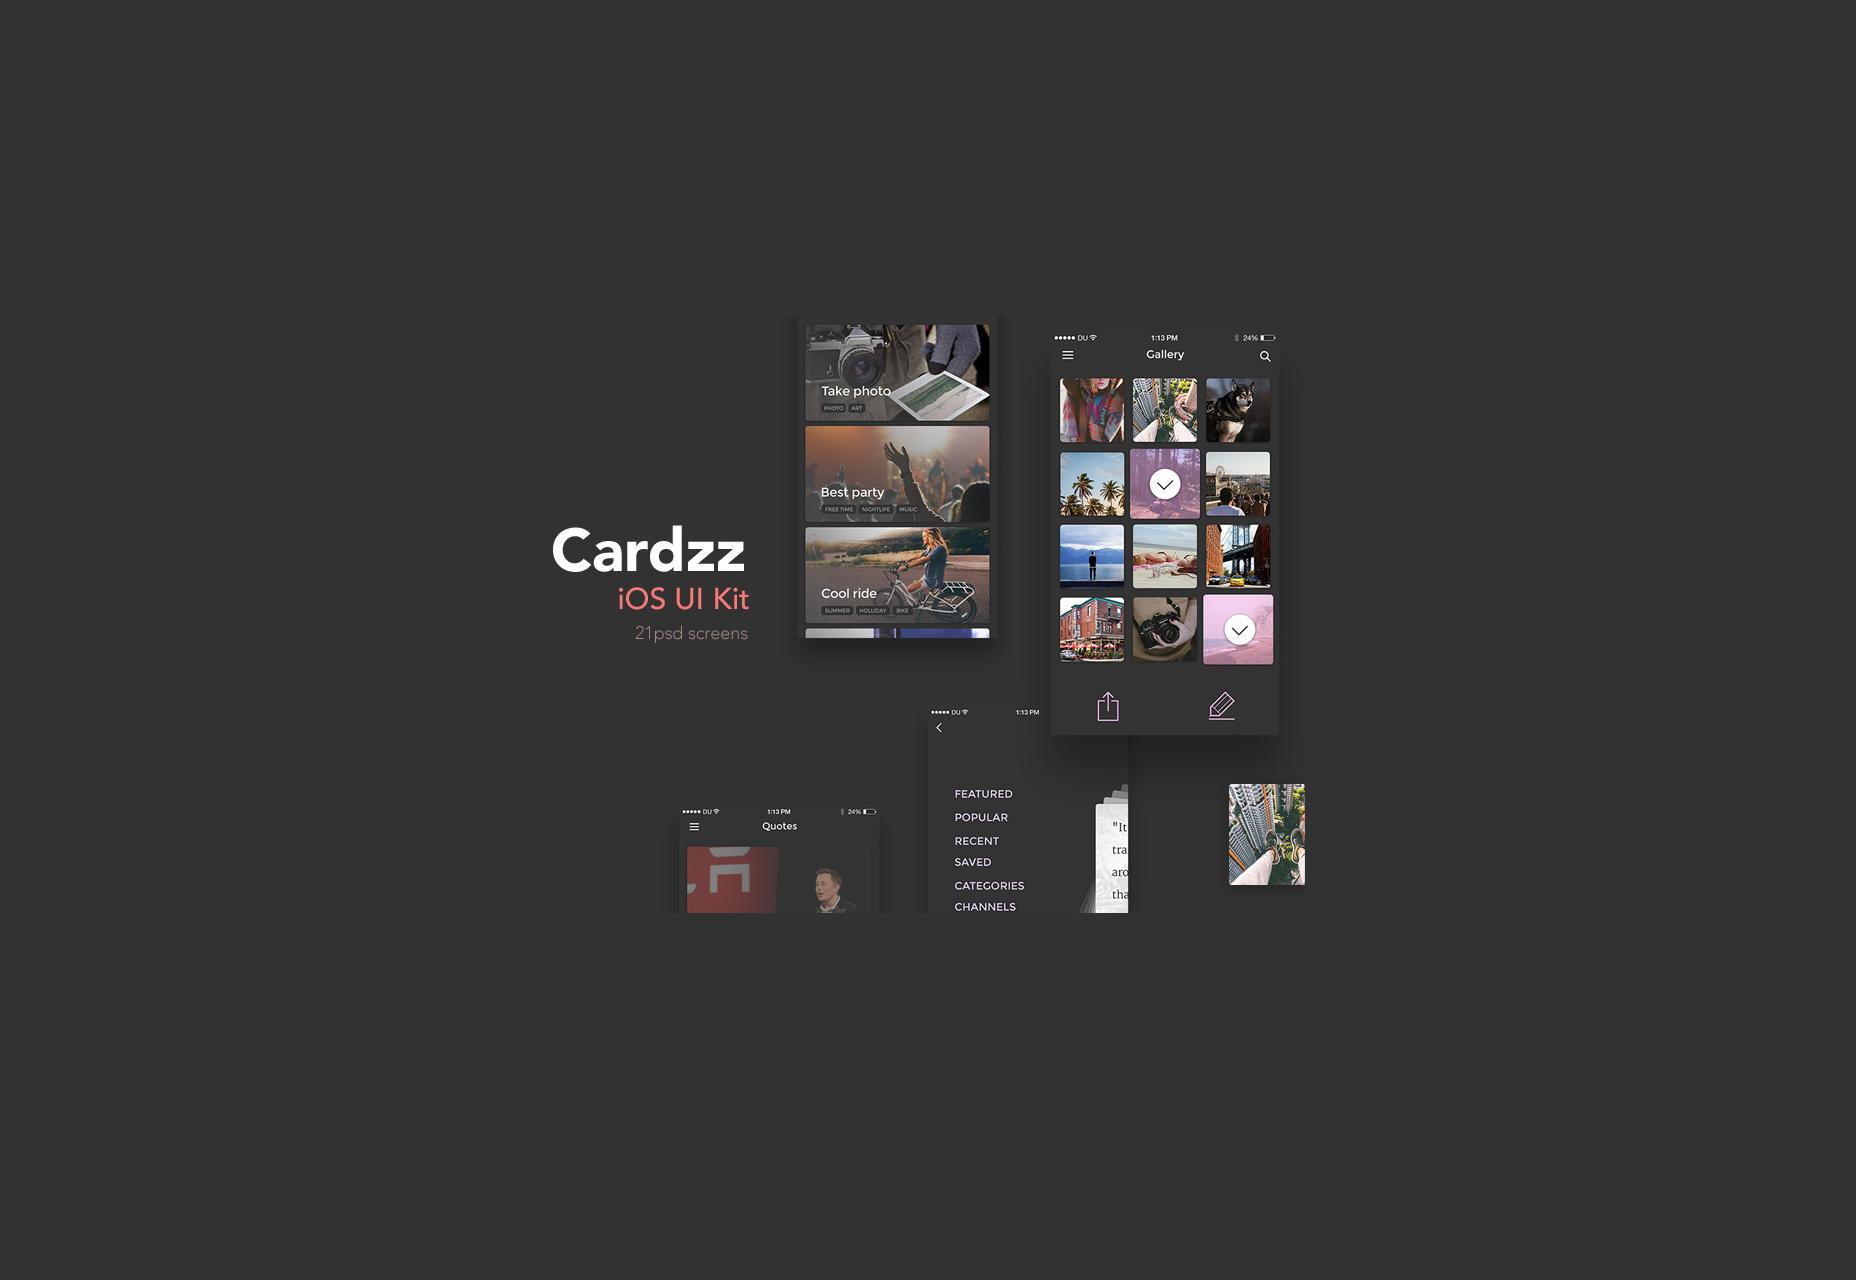 cardzz-dark-schemed-ios-ui-kit